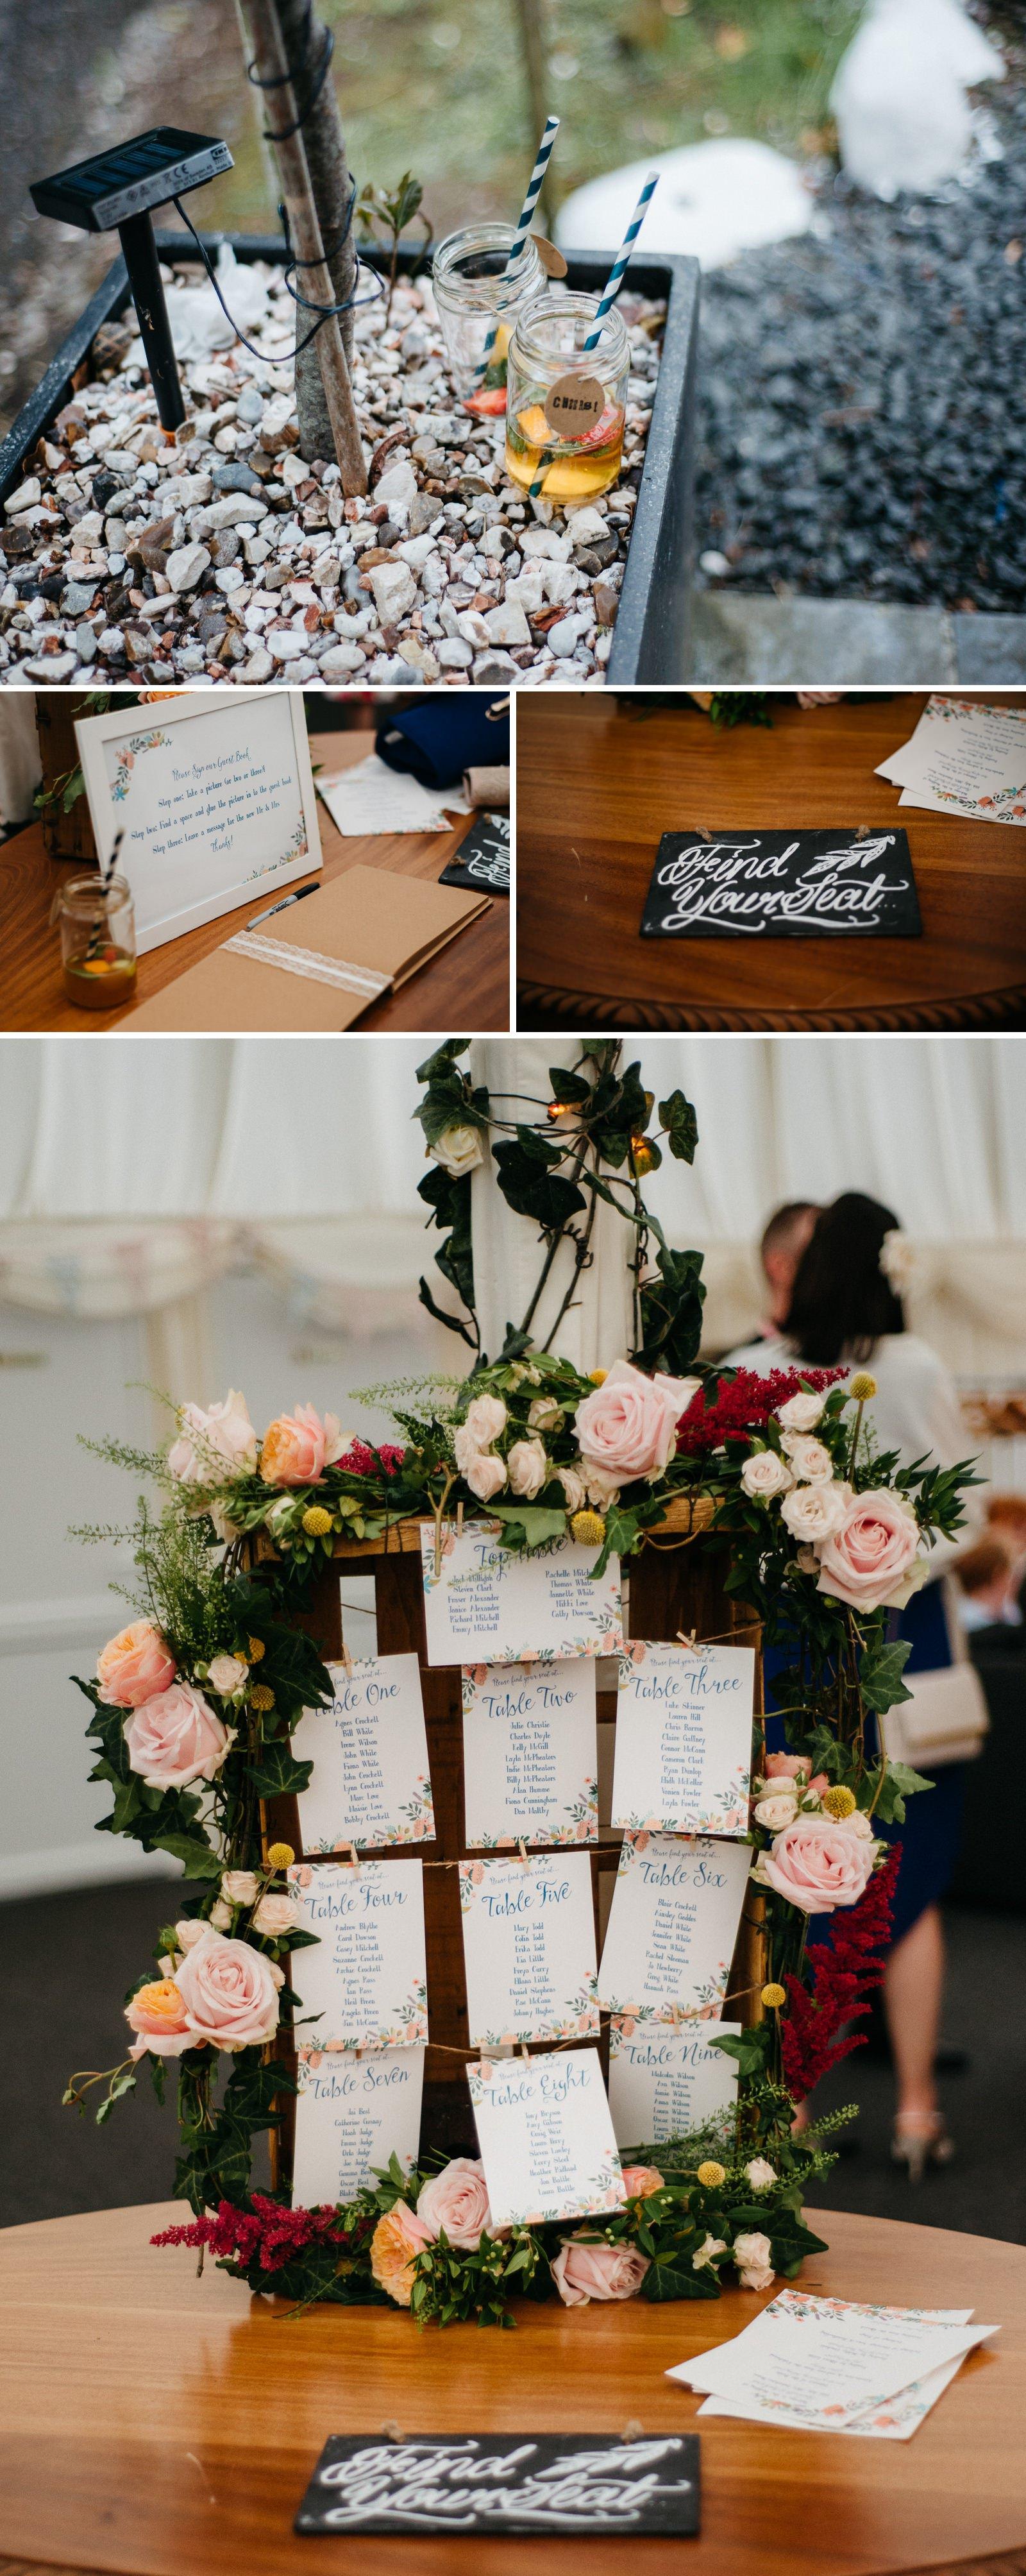 Rich wedding details including floral framed seating plan at Enterkine House